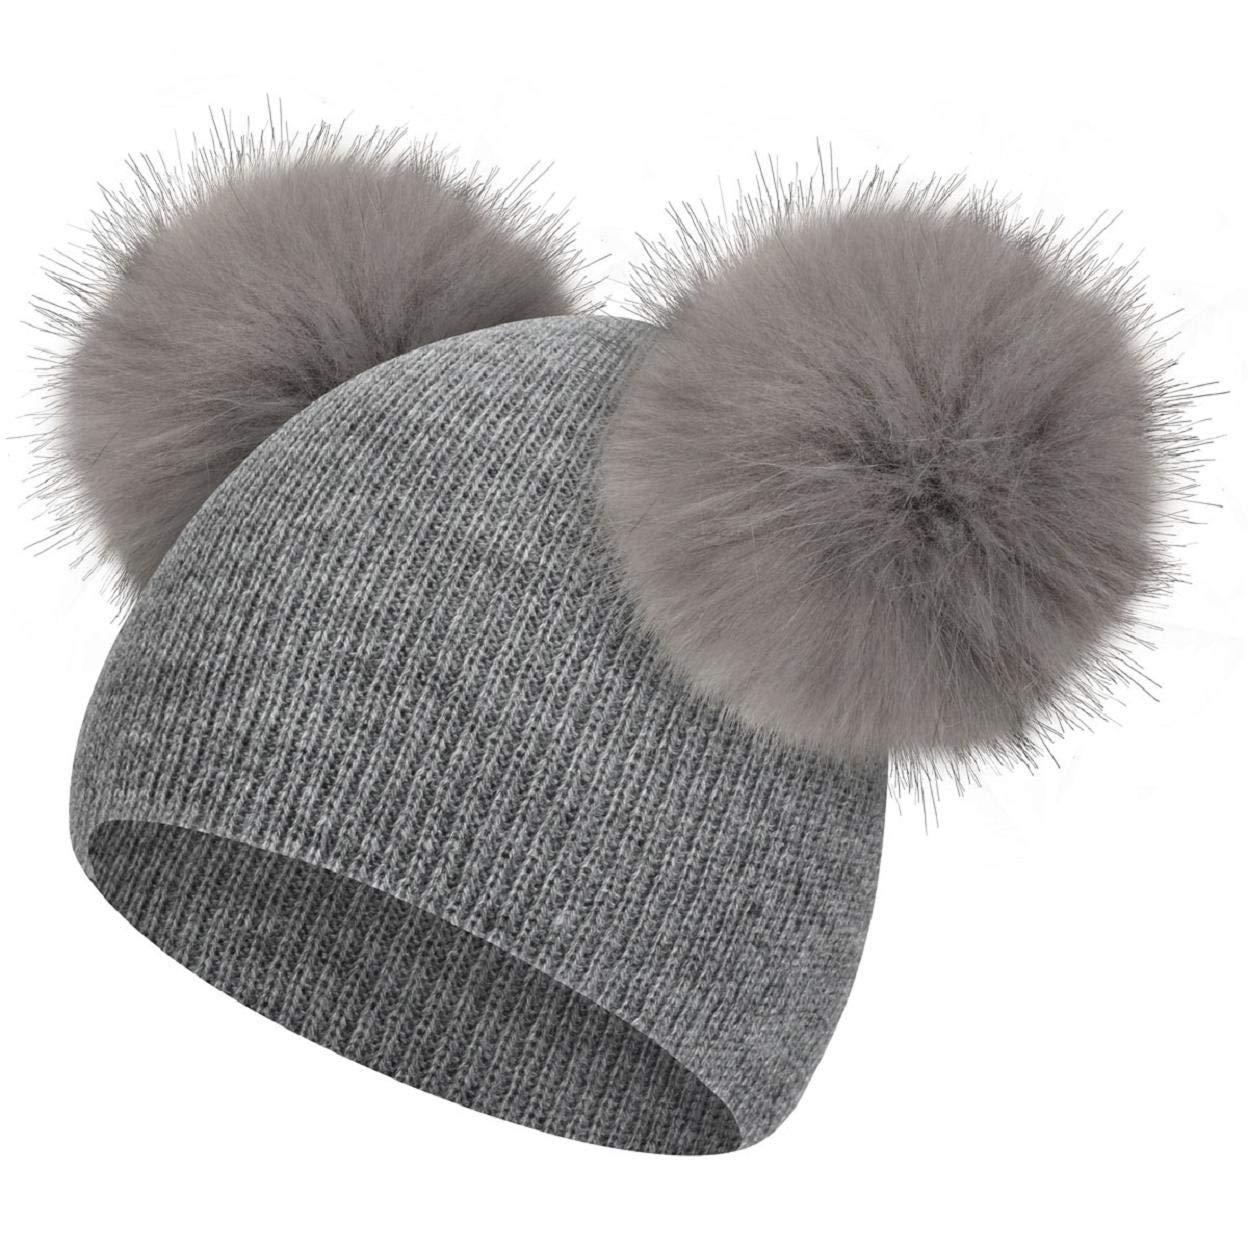 heekpek Lovely Baby Sombrero de Invierno Ni/ñas Ni/ños Piel Pom Pom Sombreros Lindo Gorro de Dobladillo de Punto Sombrero de Gorro c/álido para ni/ña